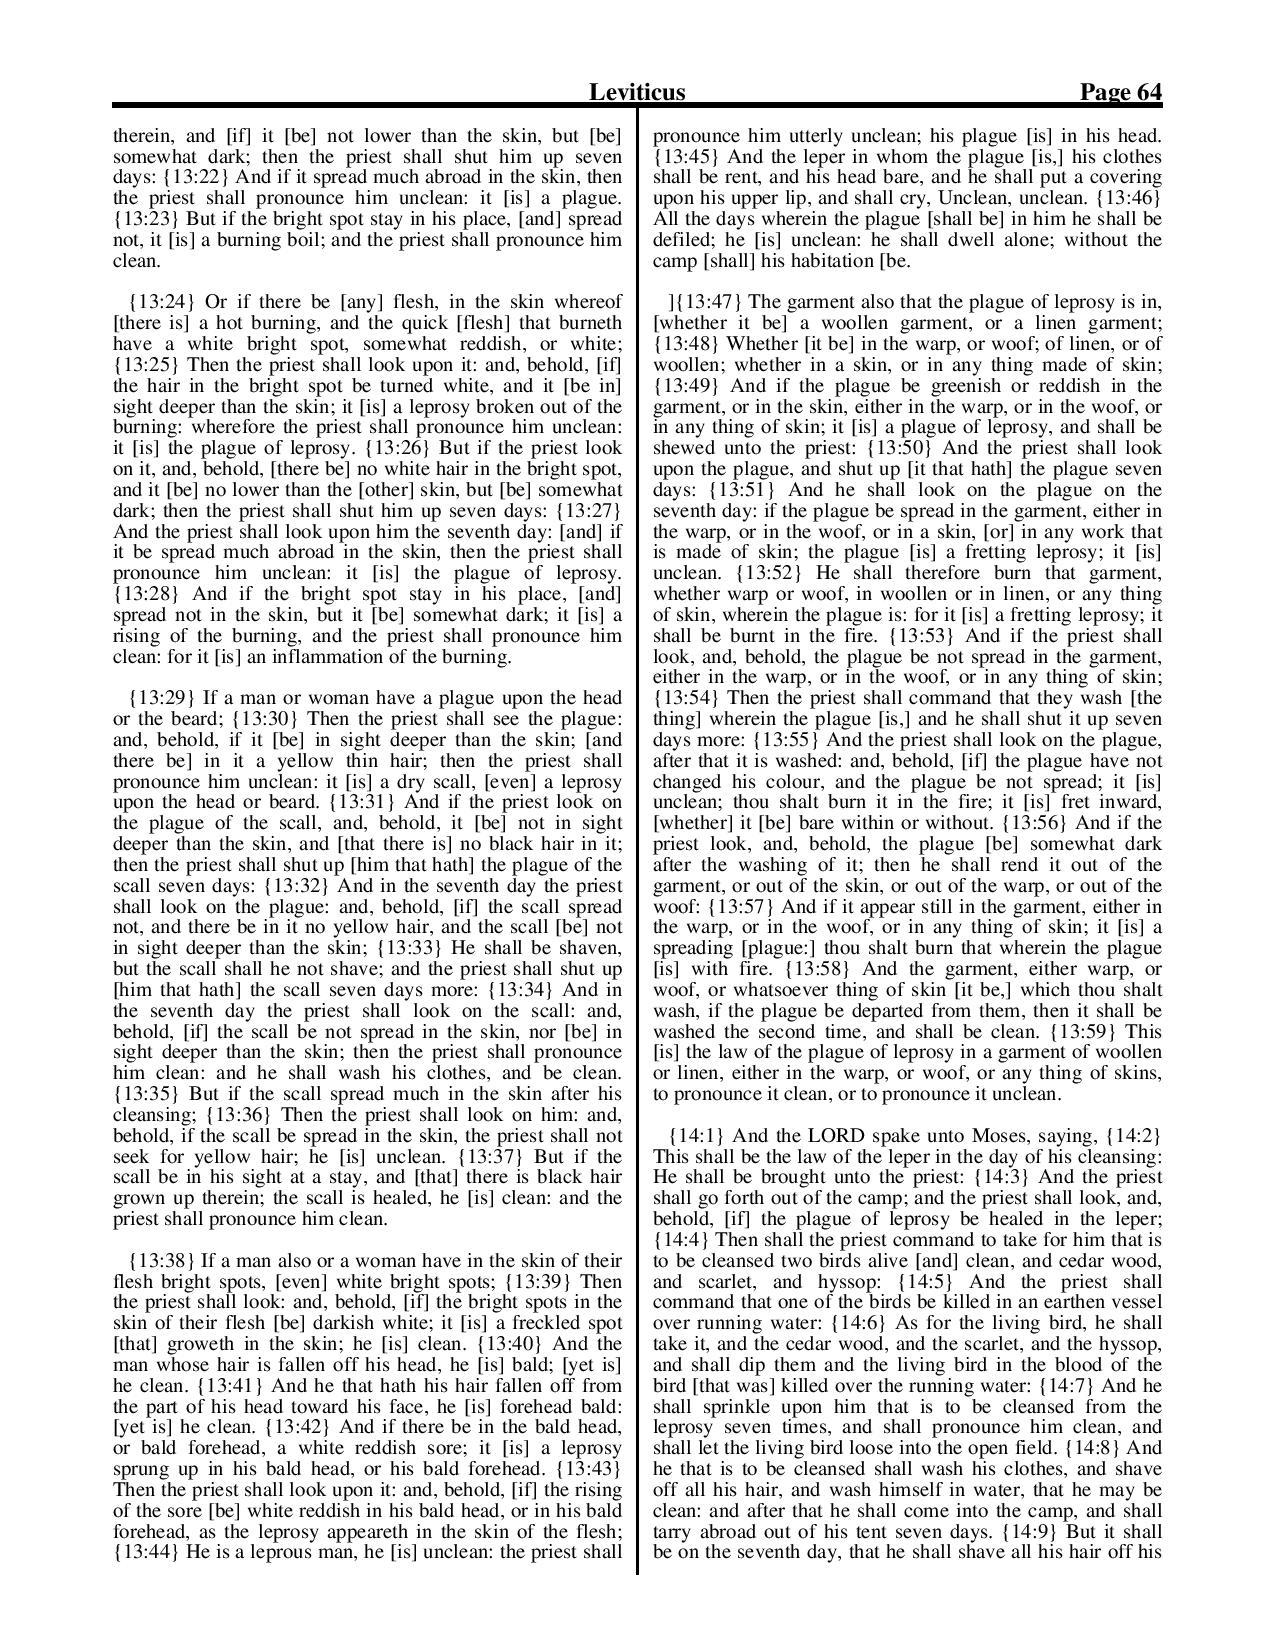 King-James-Bible-KJV-Bible-PDF-page-085